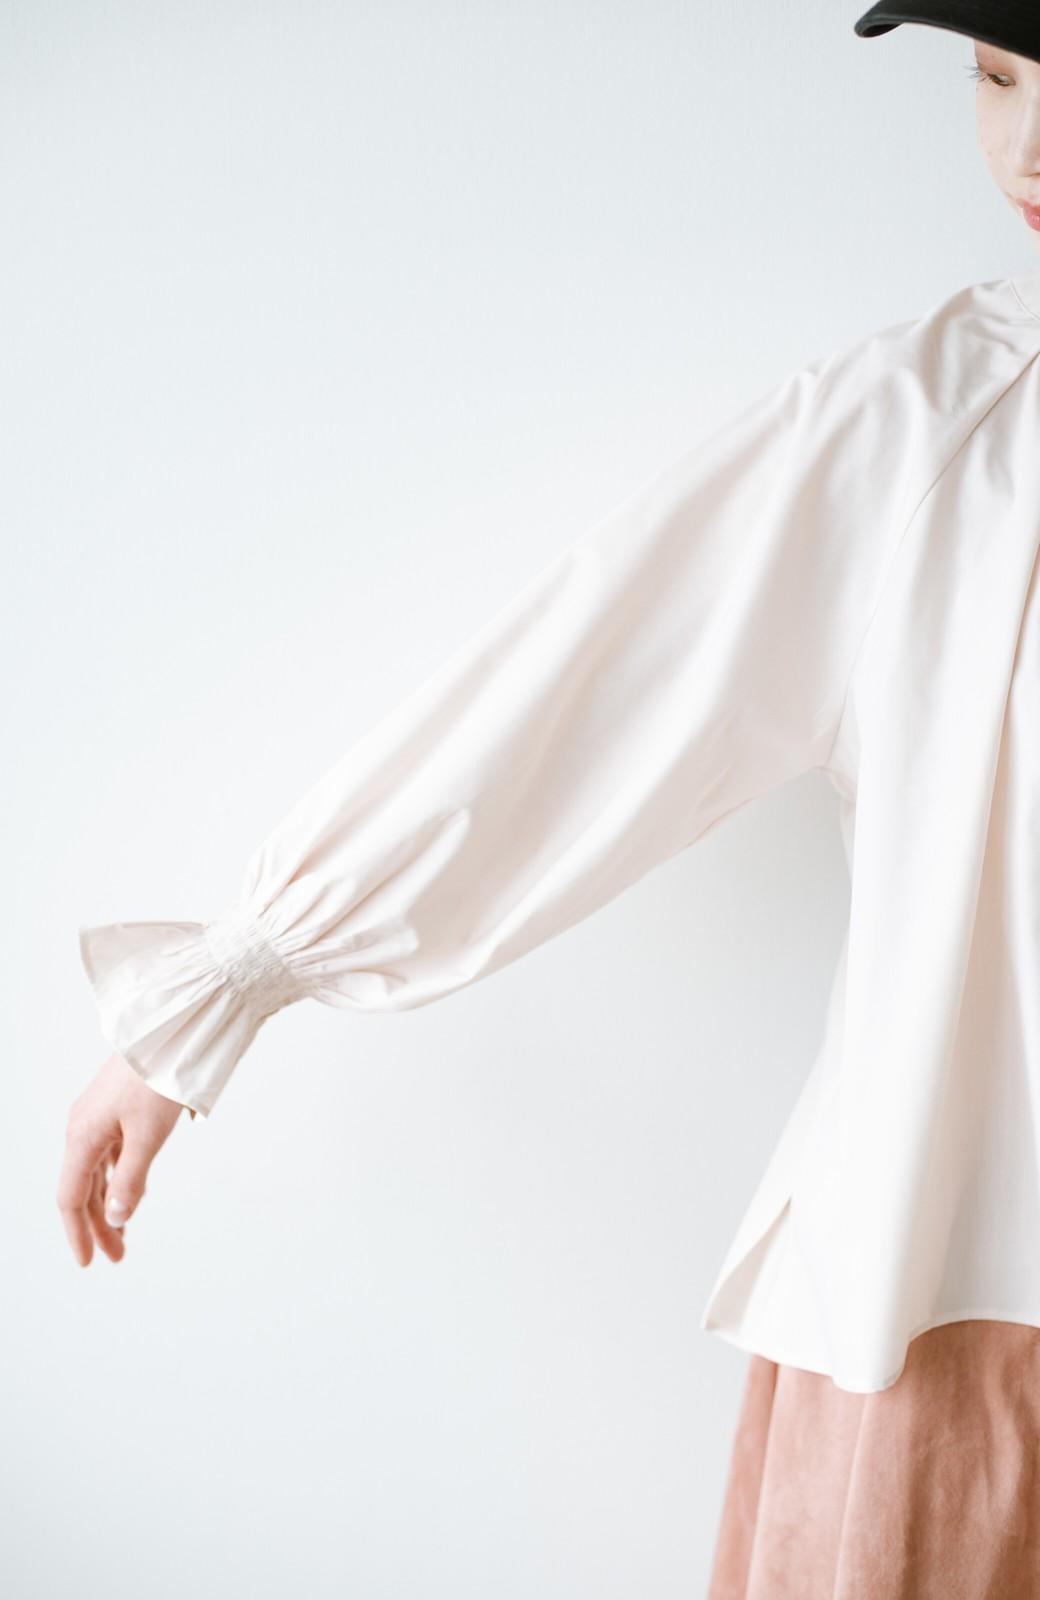 haco! パッと着るだけで新鮮&おしゃれ見え!ゆるめサイズが今っぽいチャイナボタンブラウス <ライトベージュ>の商品写真5